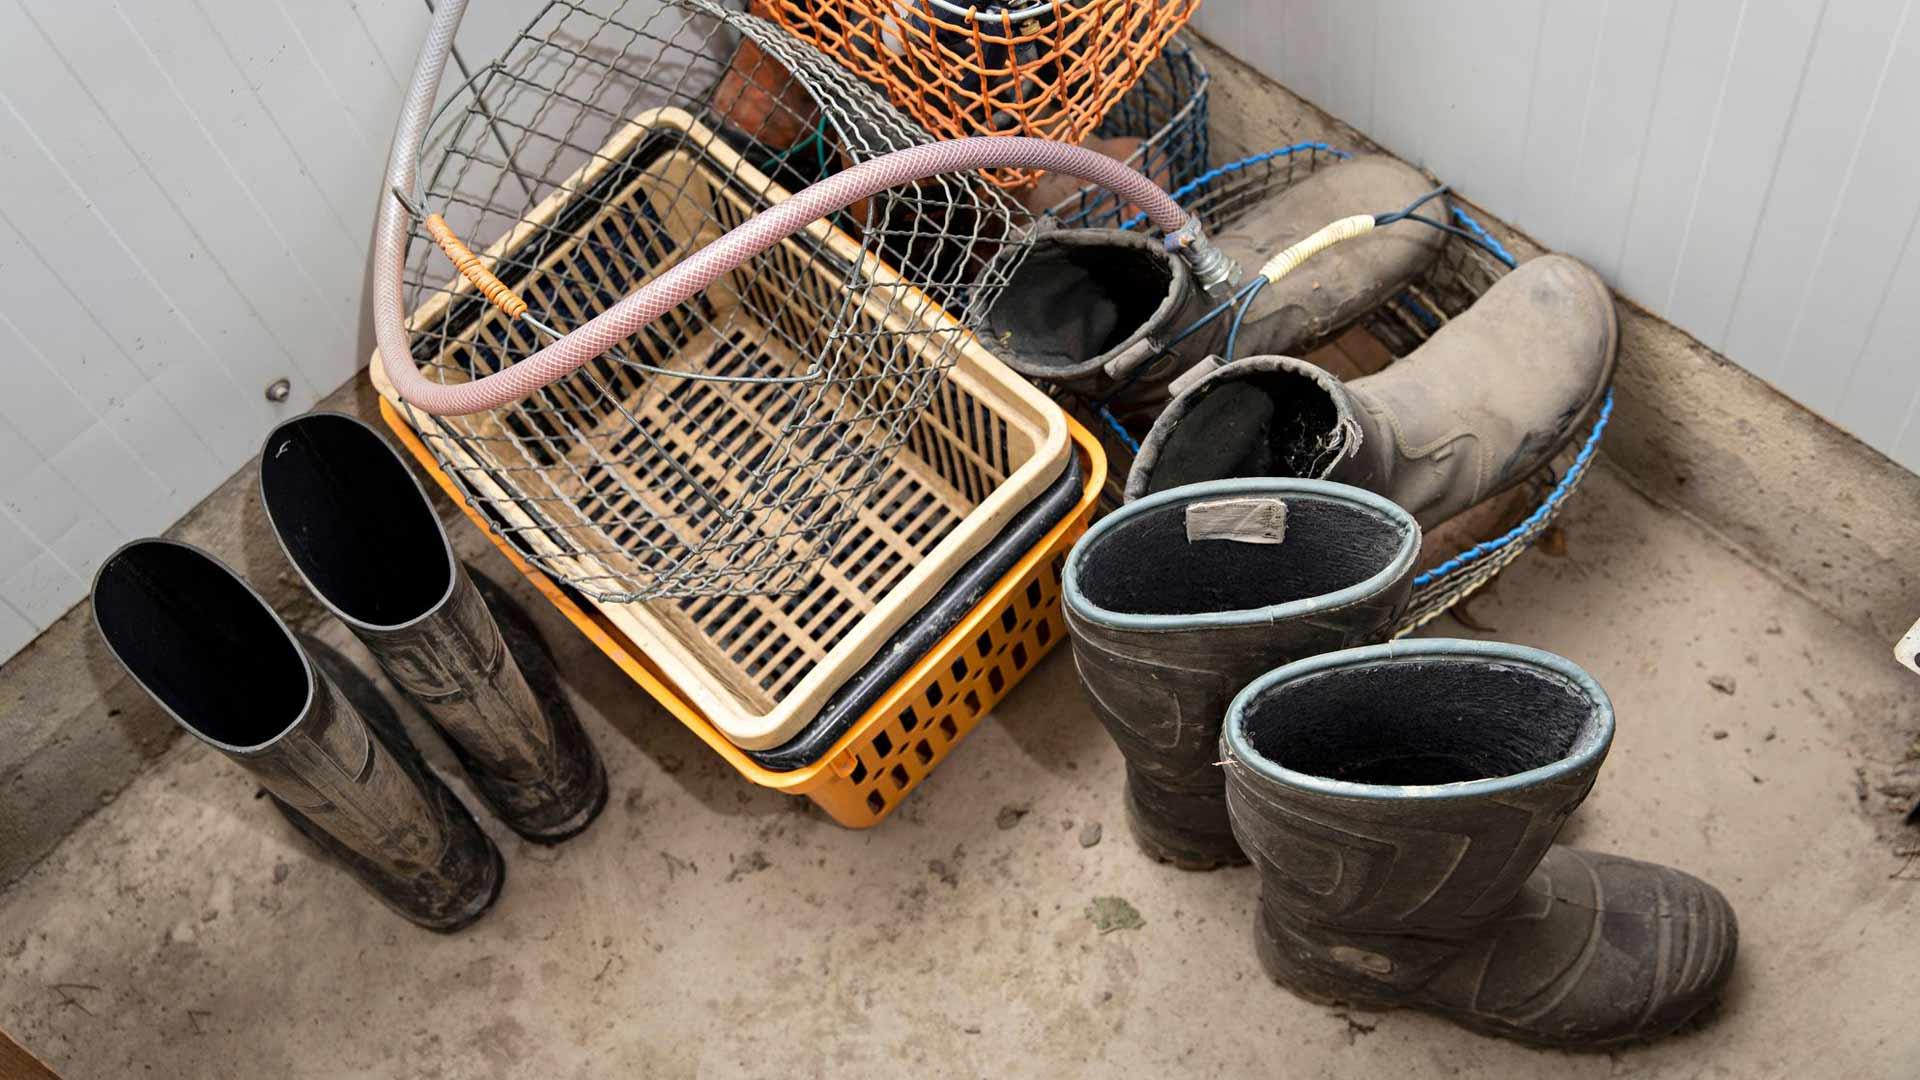 Maatiloilla peltotyö on raskasta ja kuraista työtä. Kumisaappaille on tilalla oma pesu- ja riisumispisteensä.